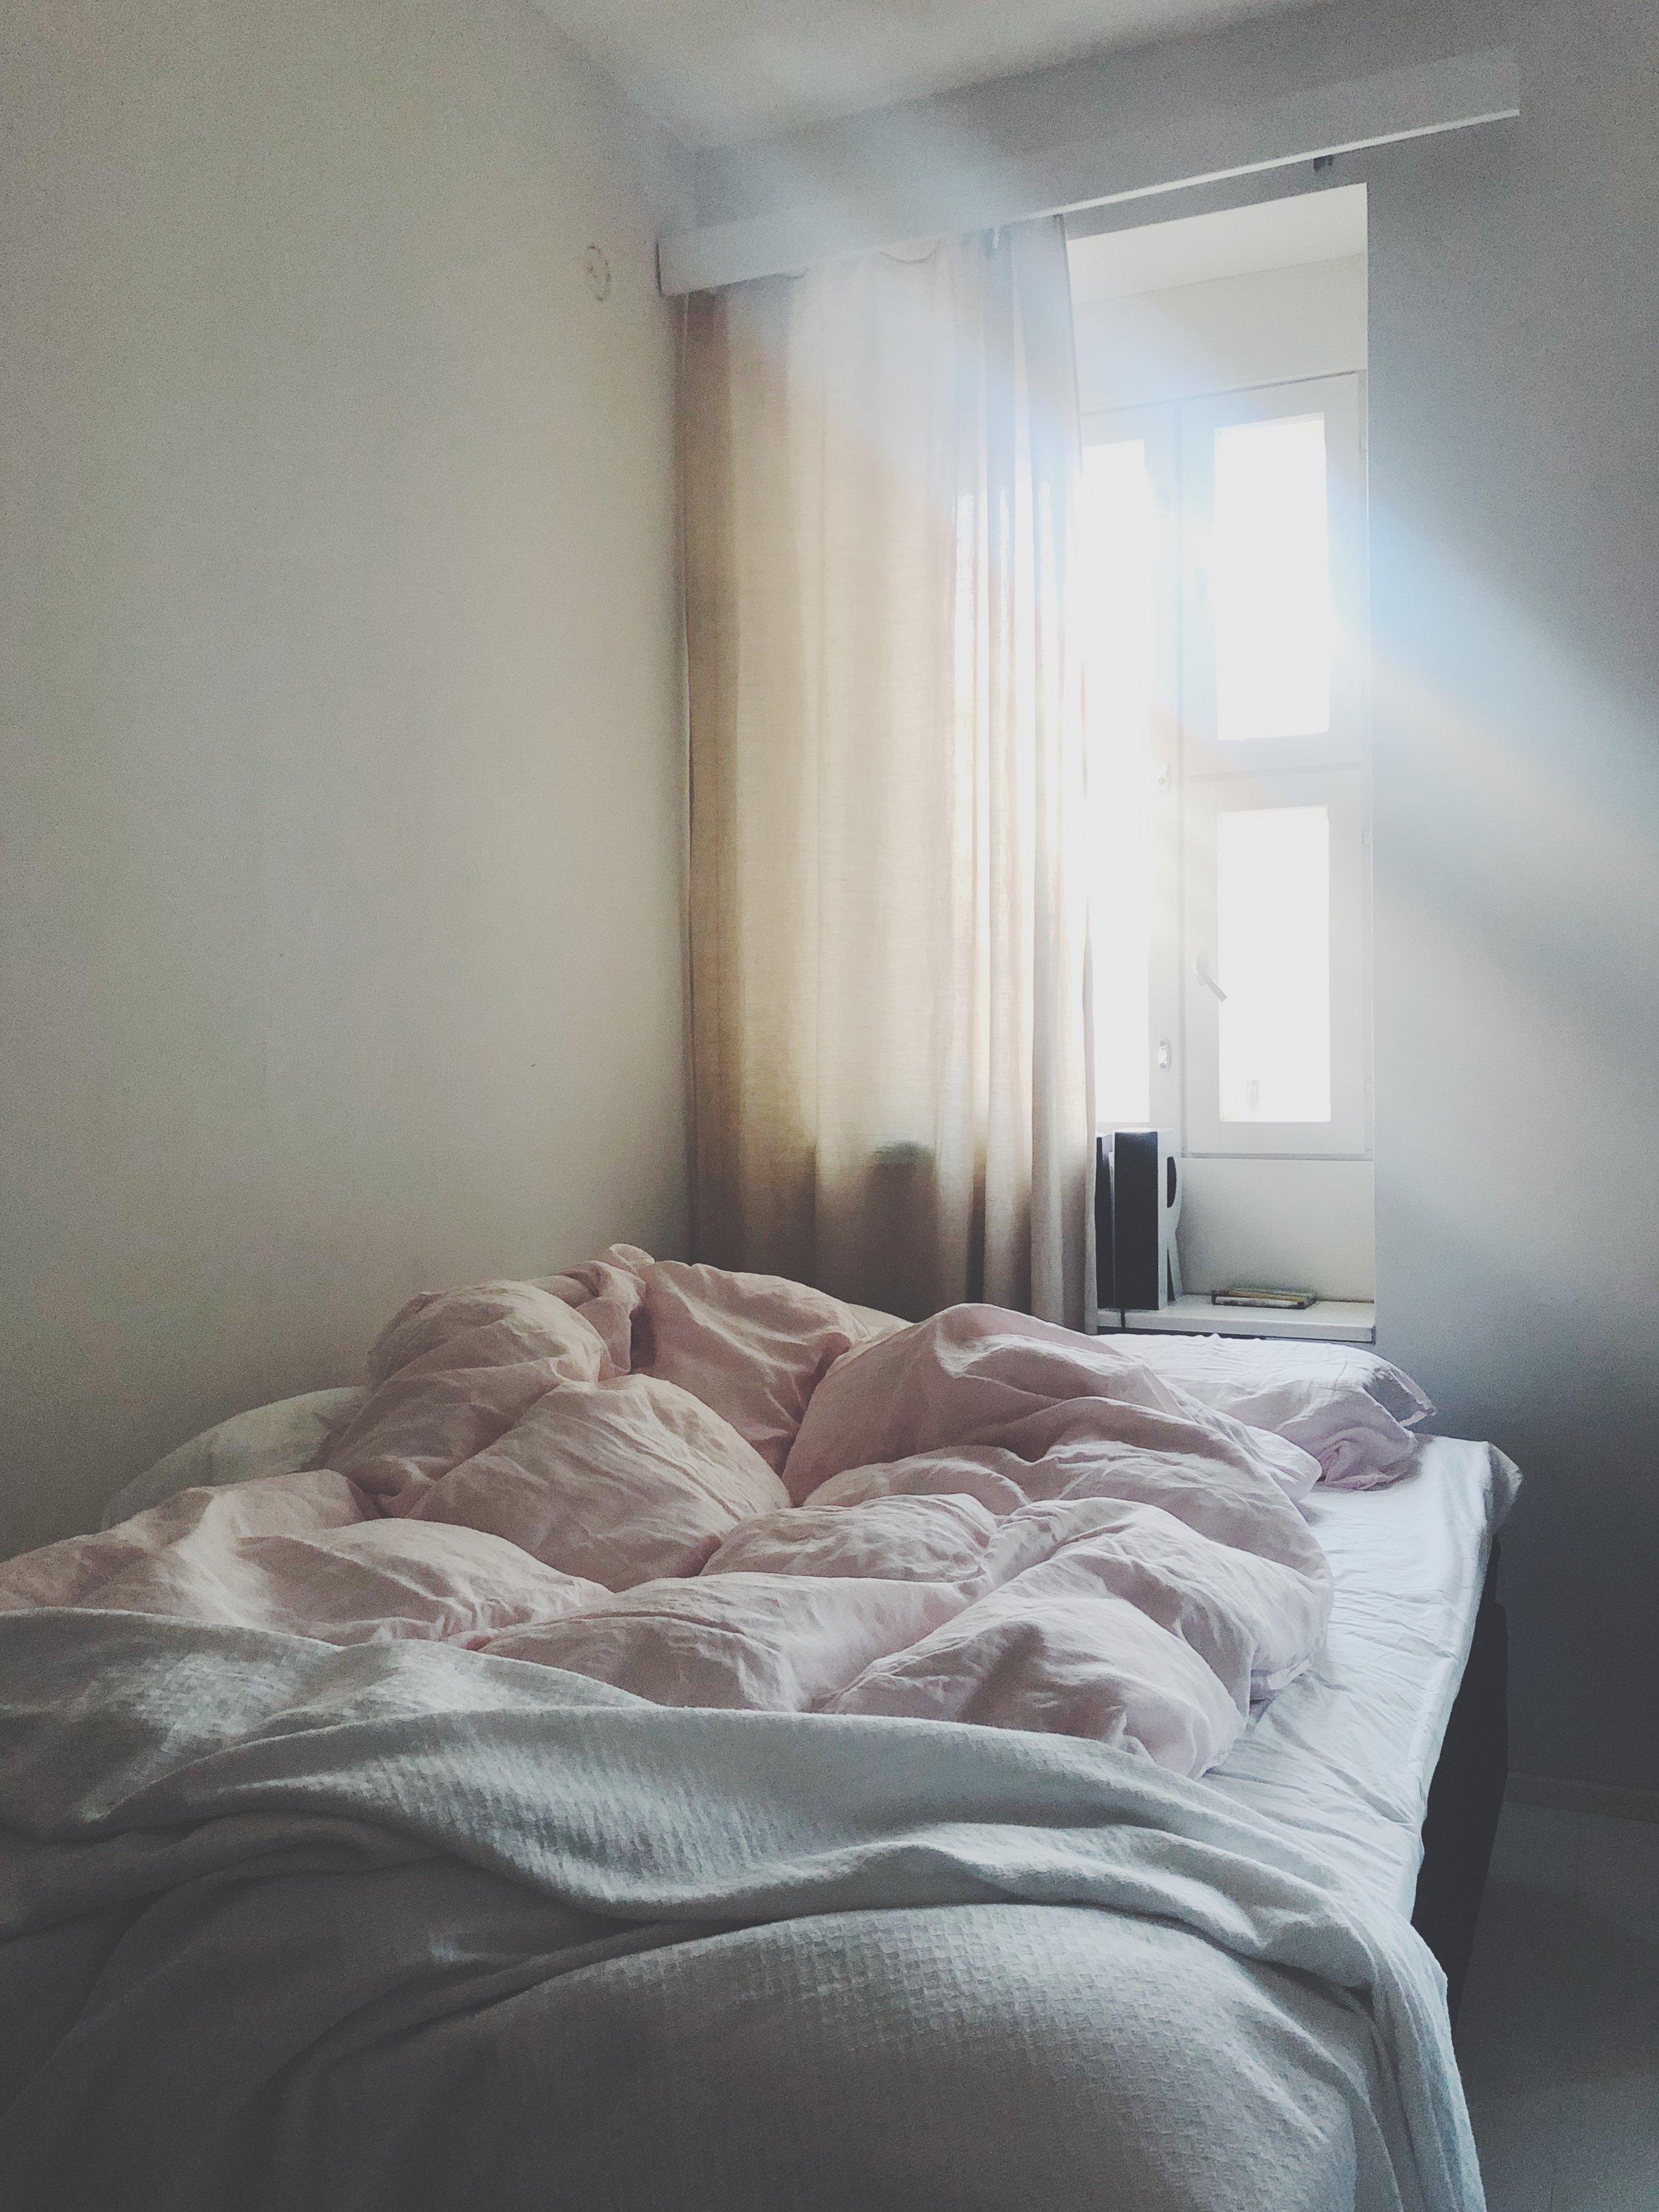 Makuuhuoneessa voi suorastaan aistia suolapuhdistuksen tuoman energian. NOT.